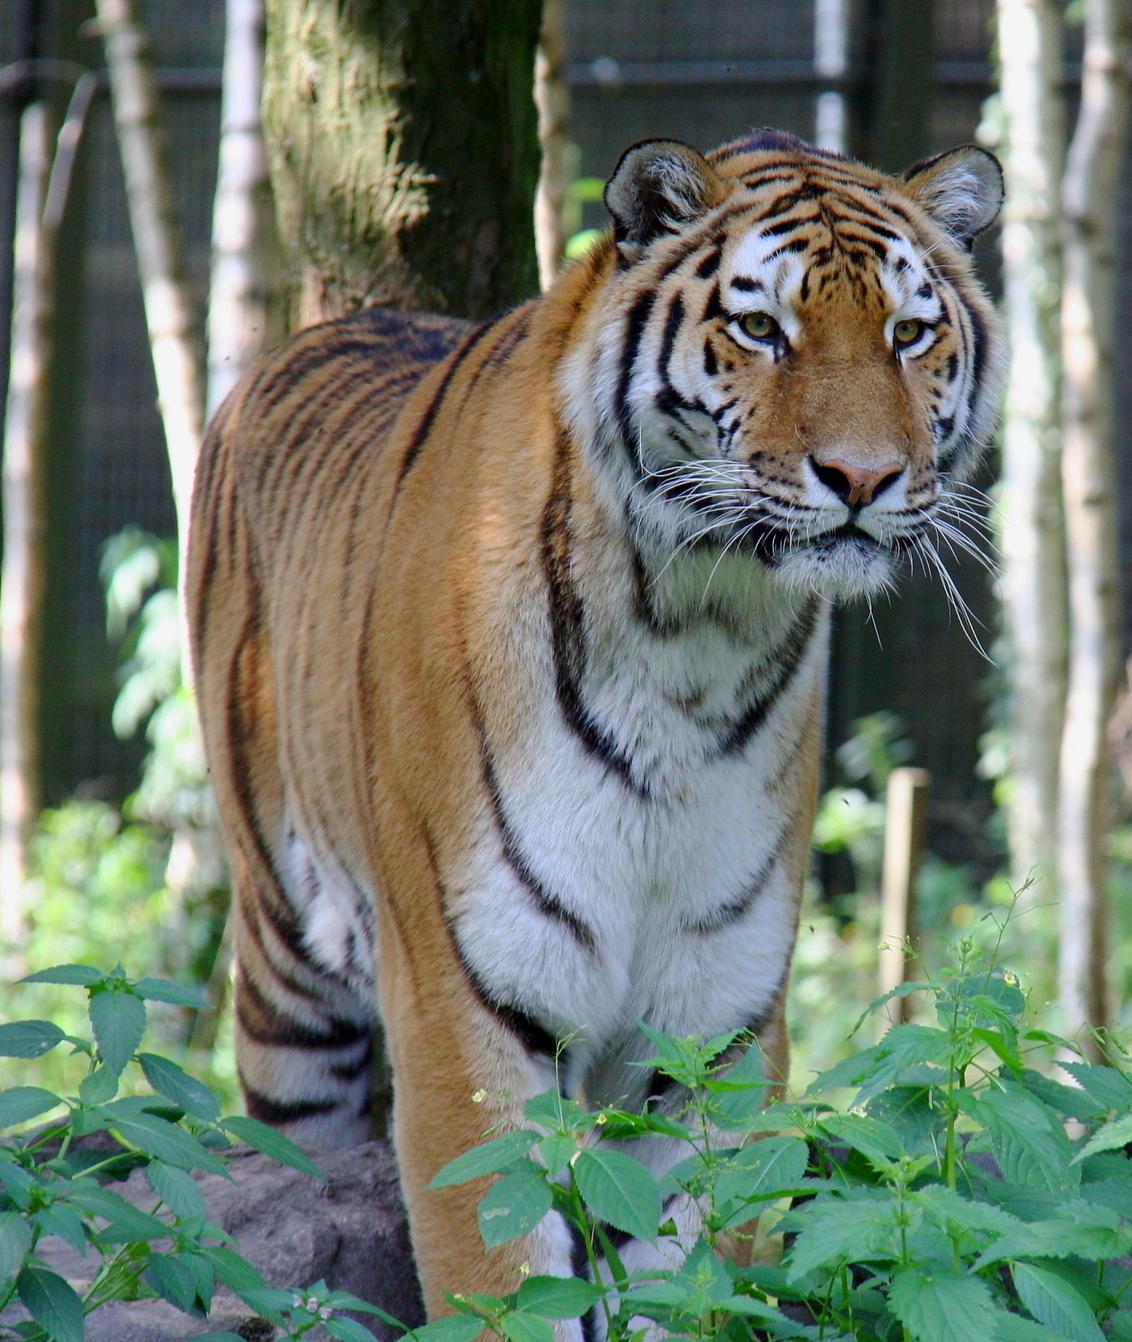 Tijger - Tijger ( Ouwehands dierenpark ) - foto door sabatini op 03-10-2010 - deze foto bevat: tijger